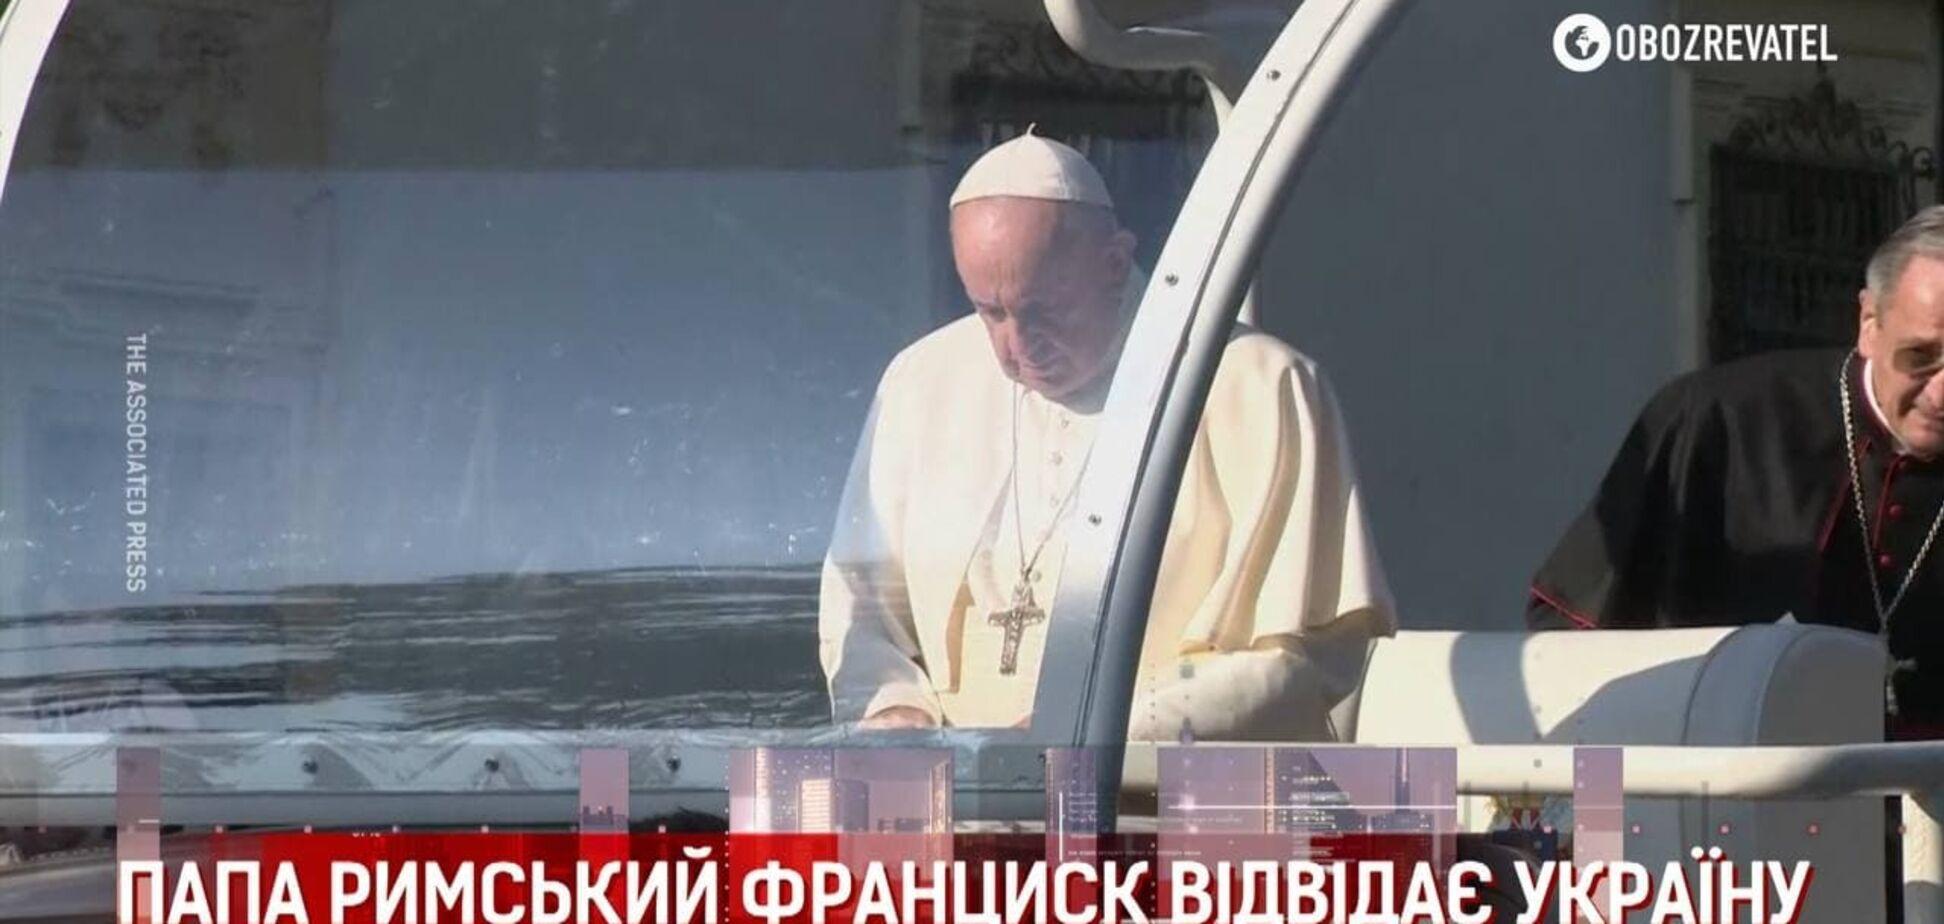 Папа Римский собирается посетить Украину, а в Афганистане новые запреты – дайджест международных событий